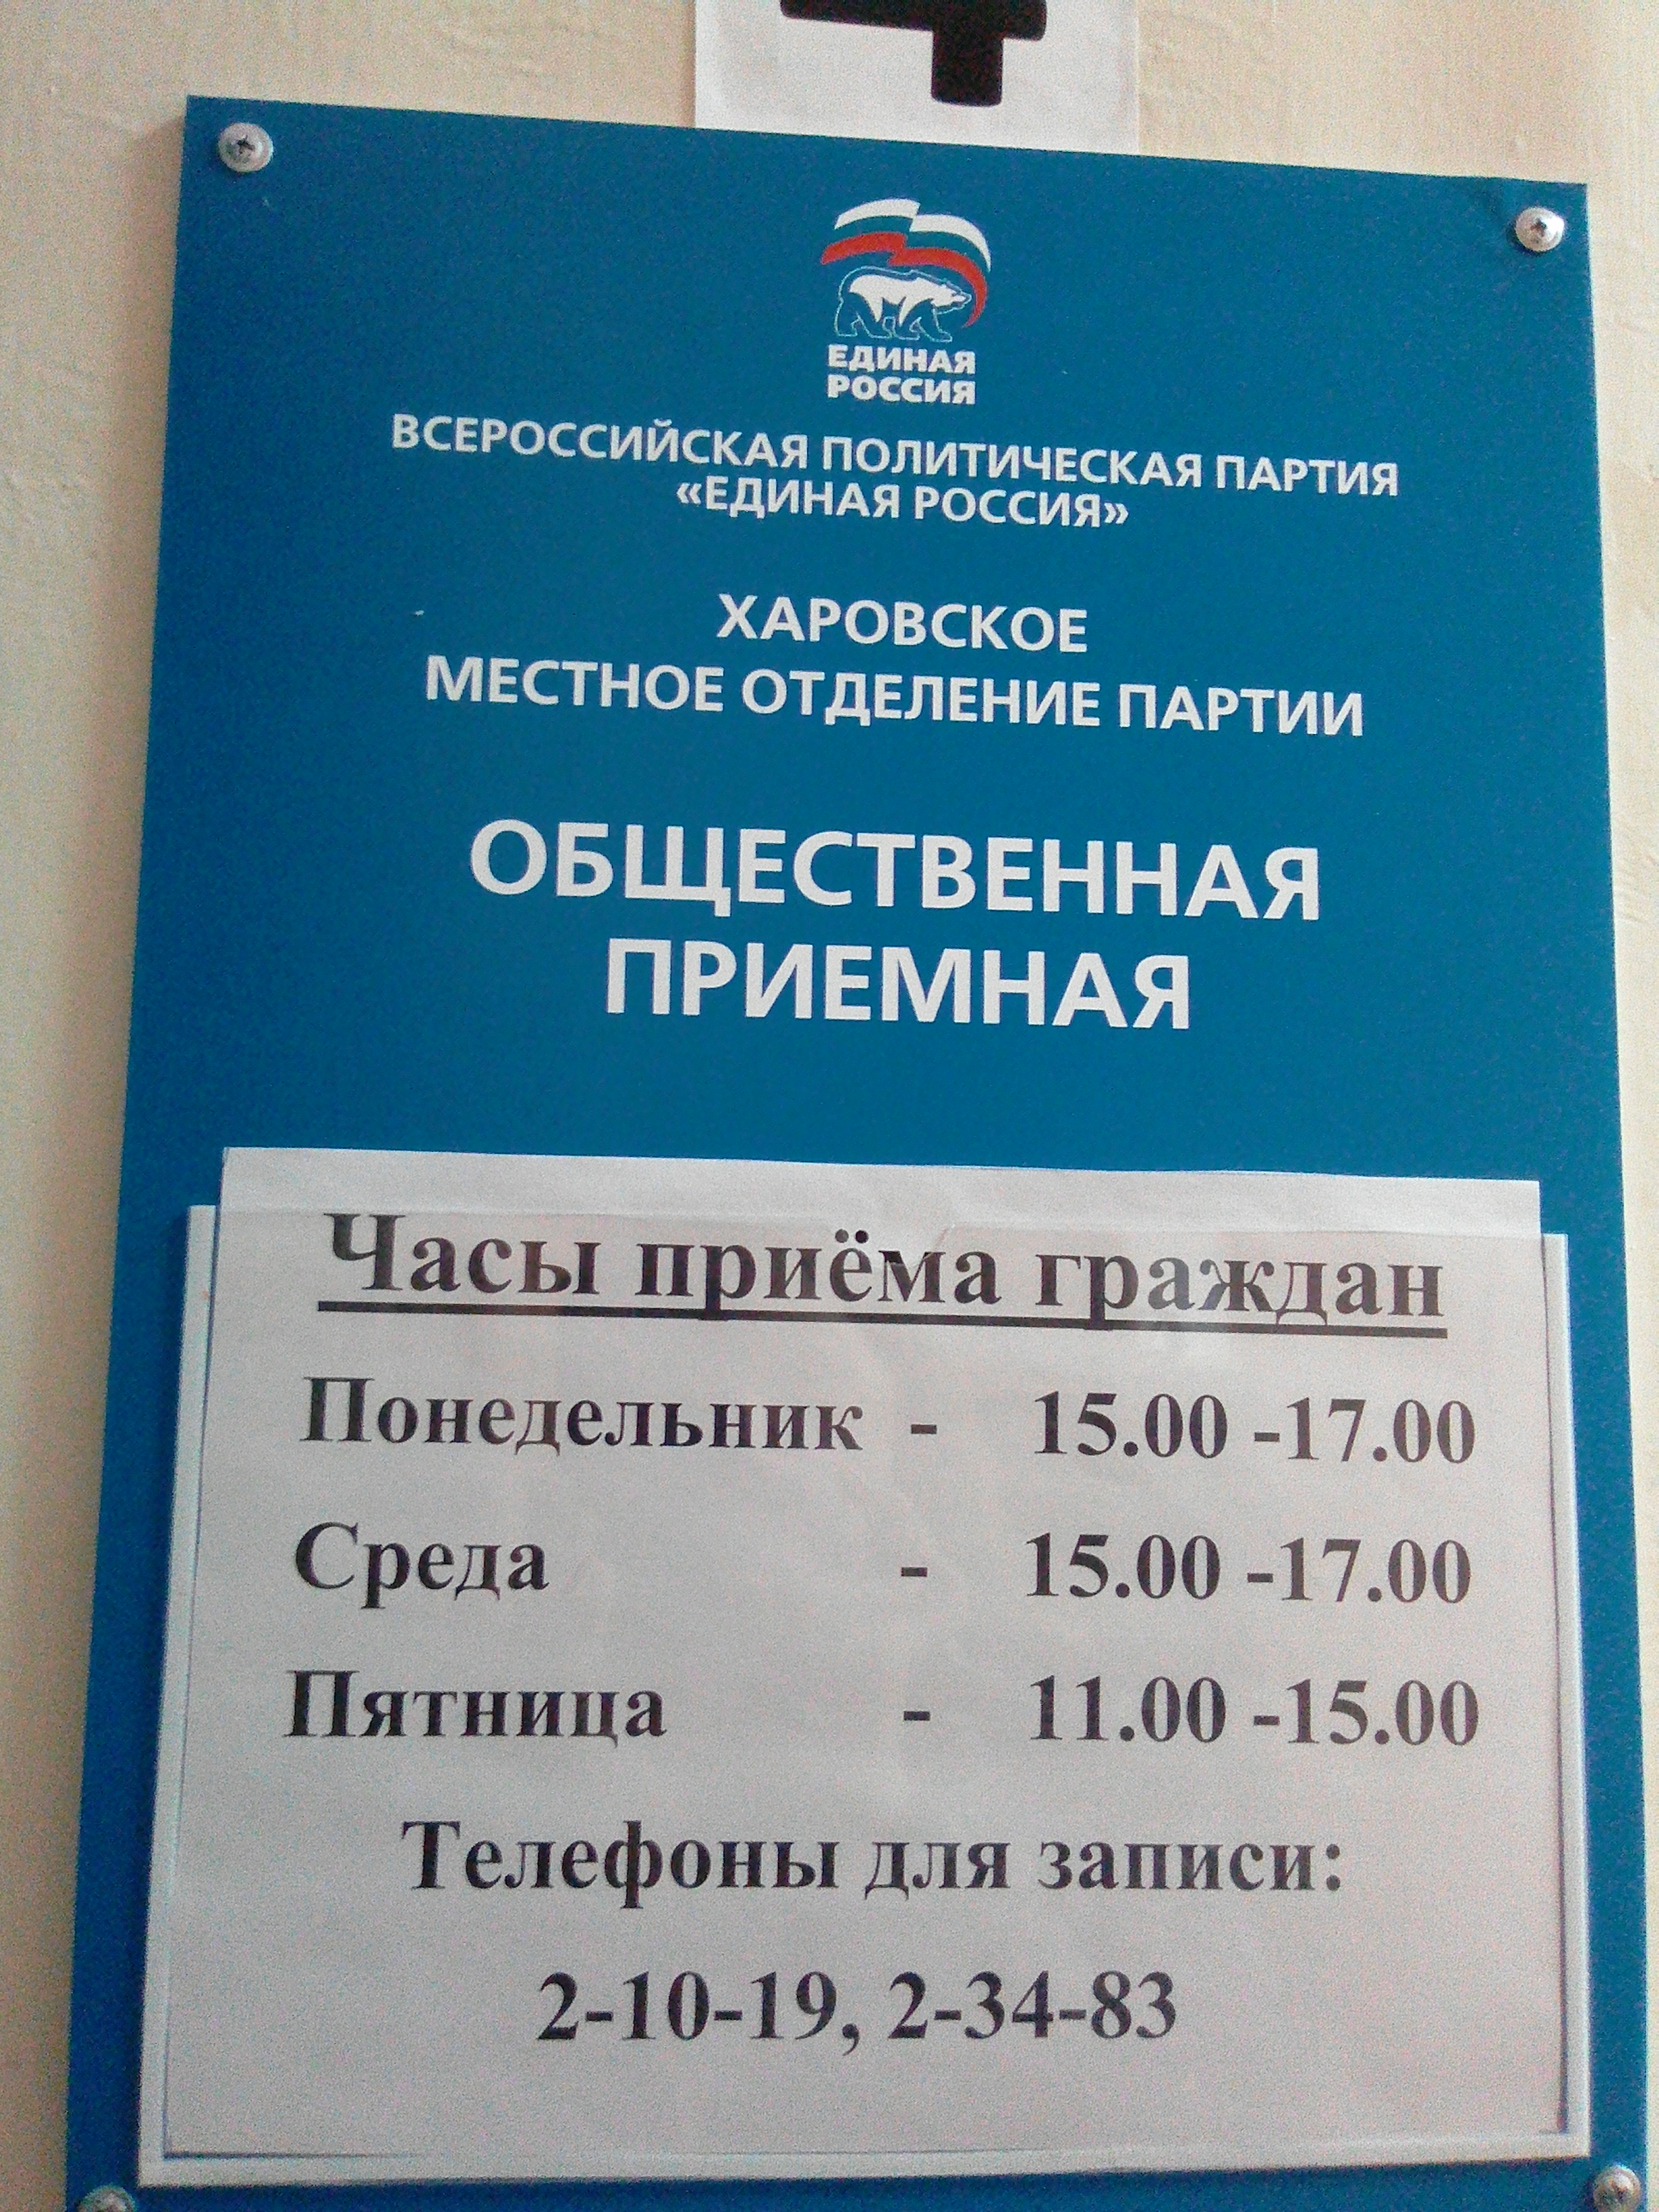 Налоговая часы приёма